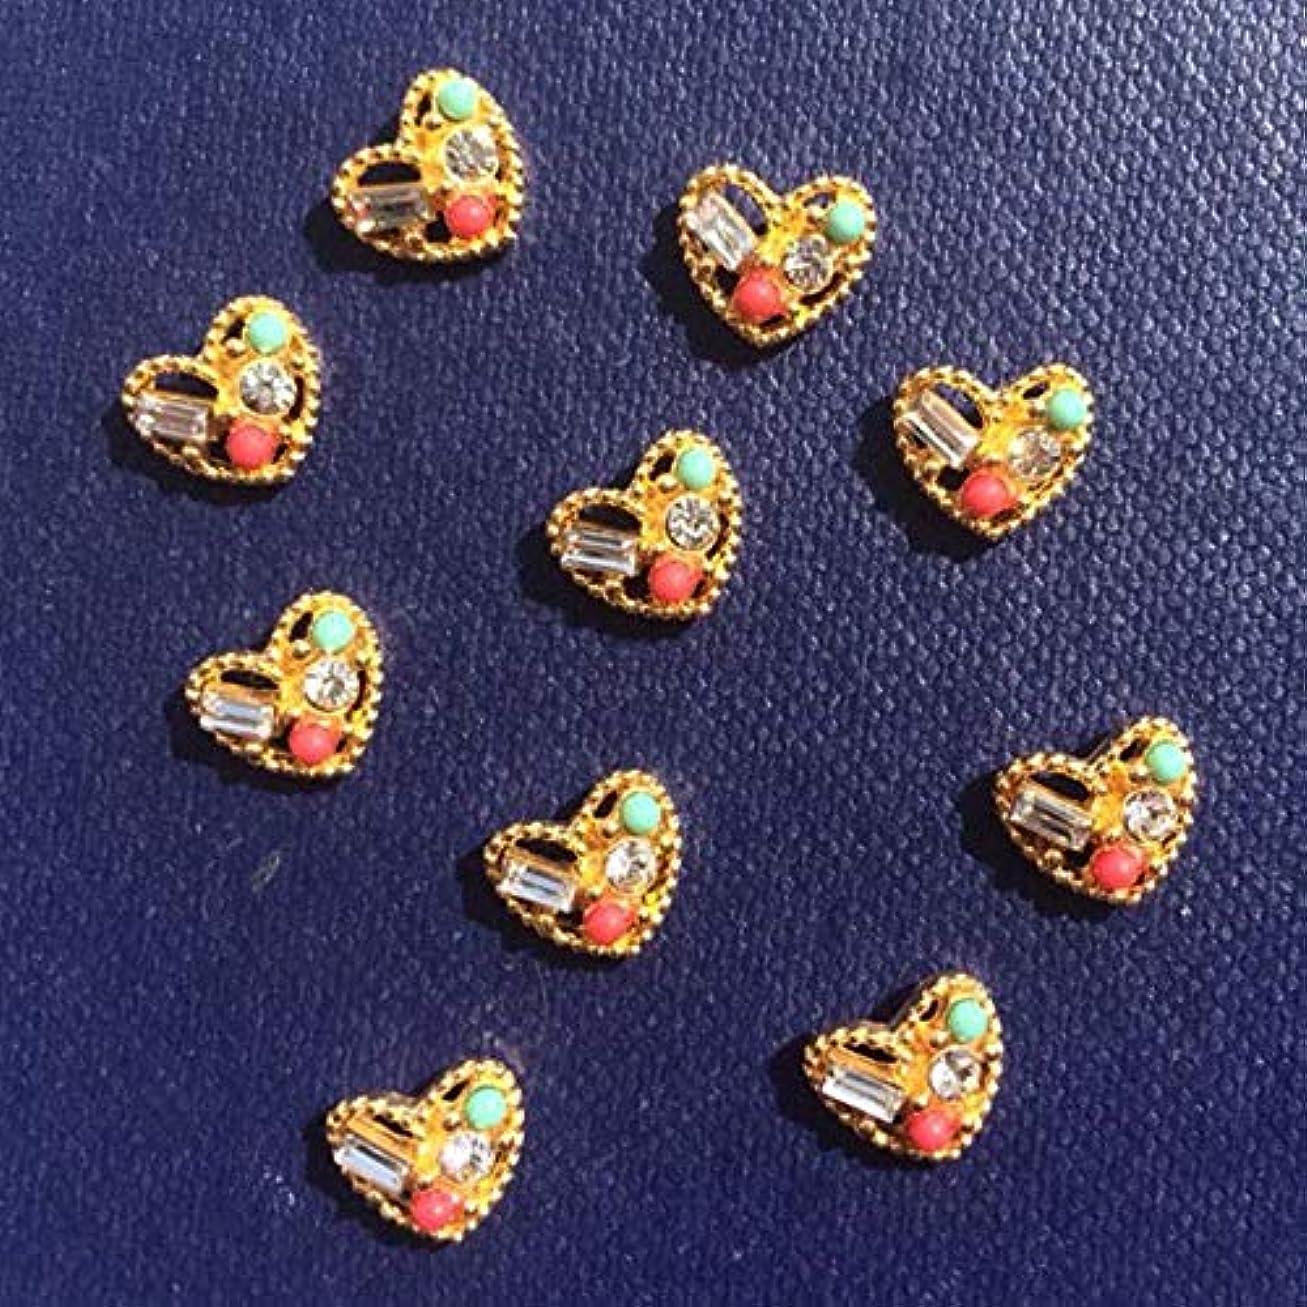 個人的にユーモラスジーンズ10個入り/ロットクリアクリスタルラインストーンゴールド合金のラブハートのデザインの3Dラインストーンネイルアートの装飾